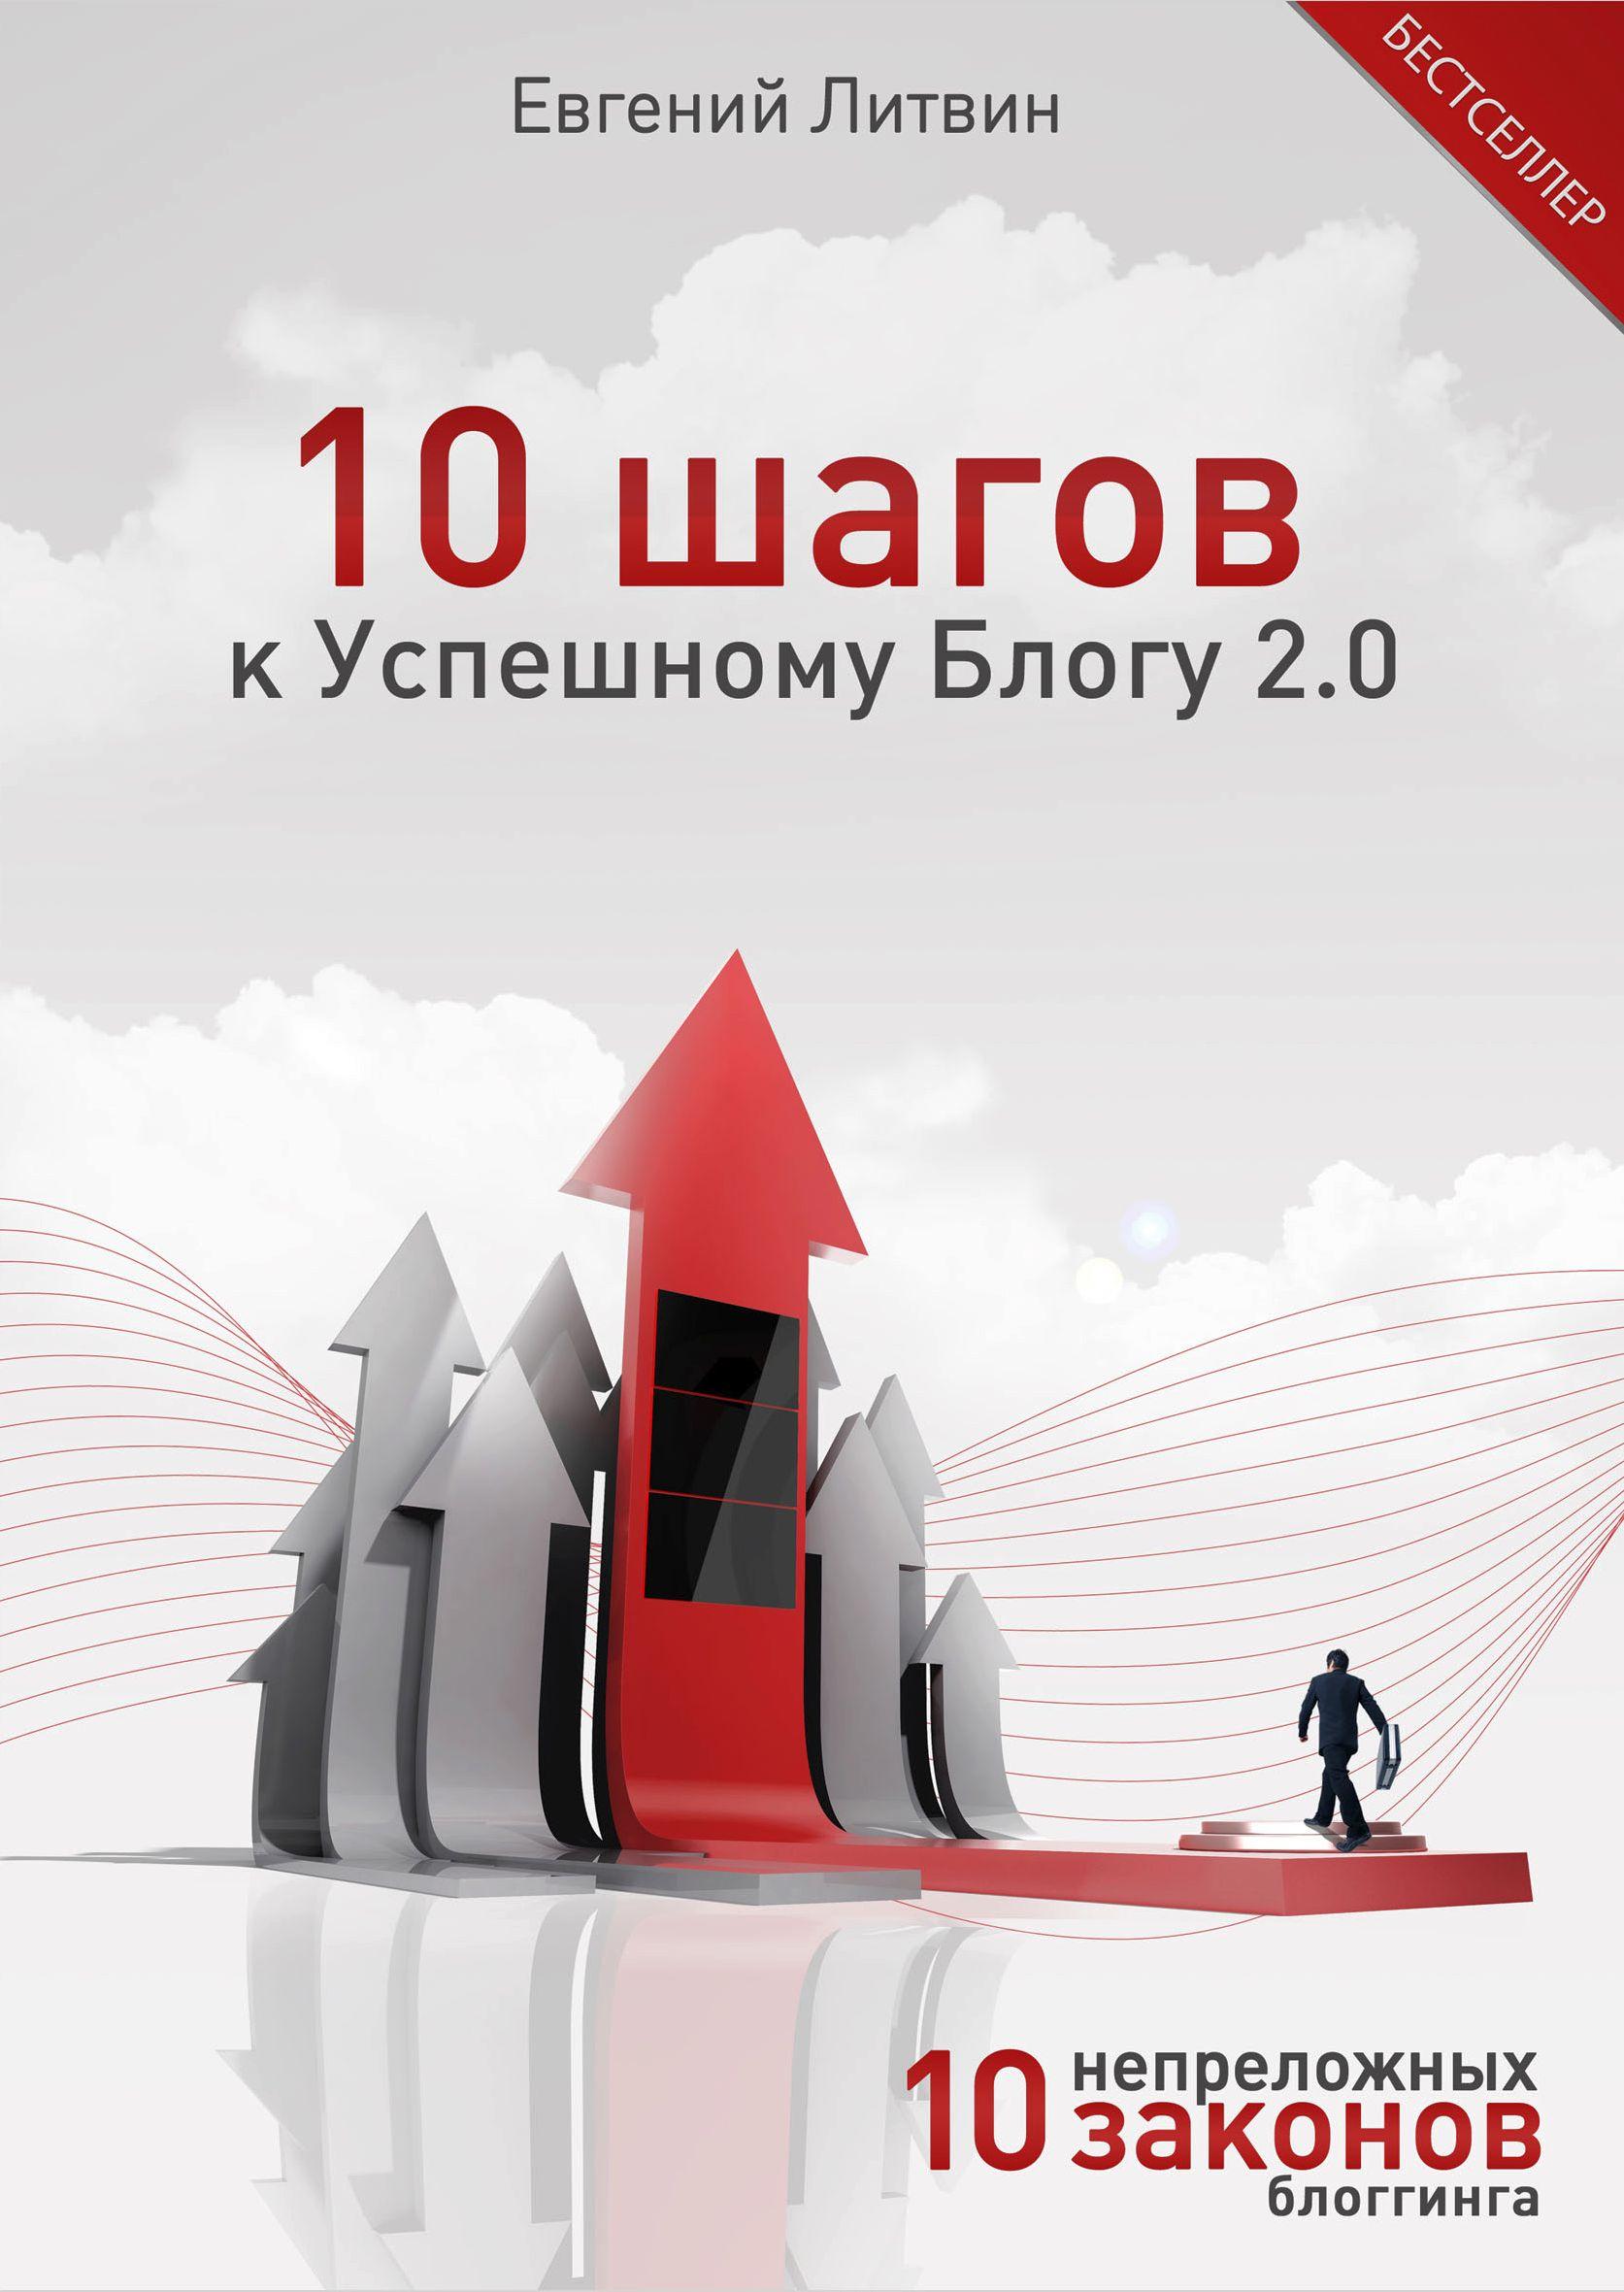 10 шагов к Успешному Блогу 2.0. 10 непреложных Законов Блоггинга